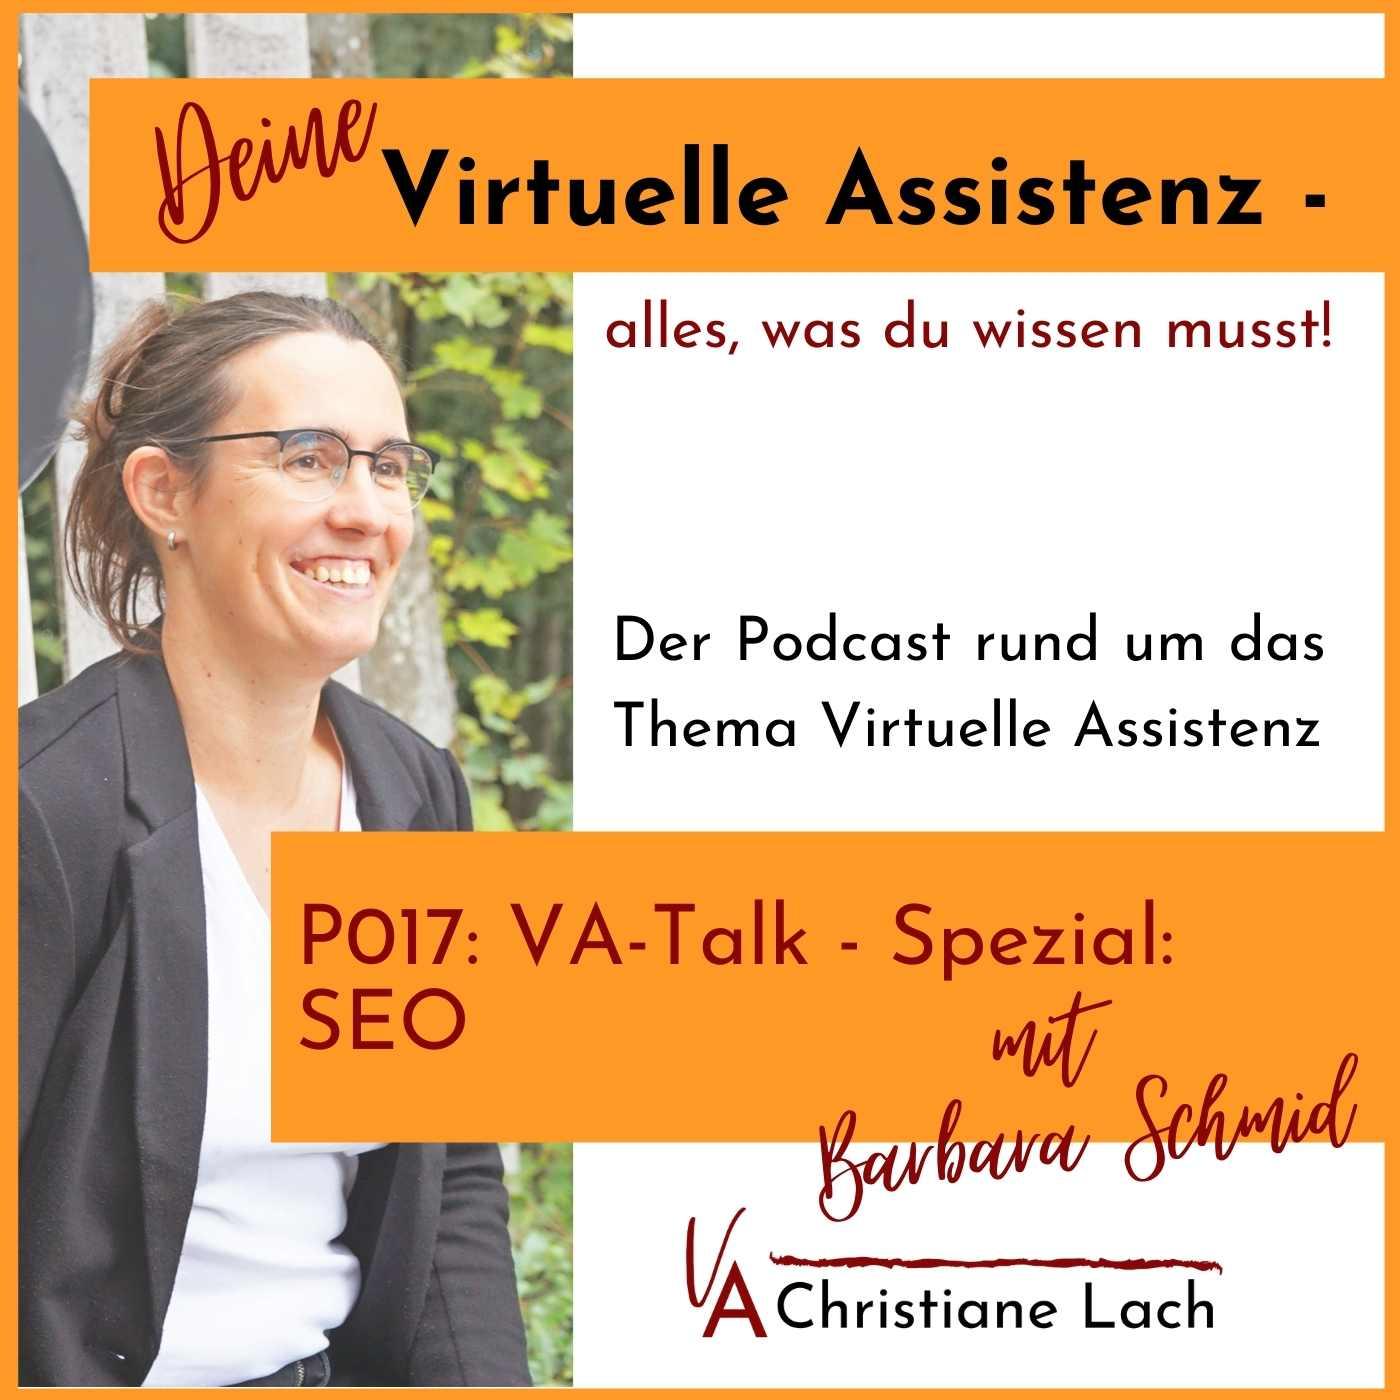 P017: VA-Talk – Spezial: SEO